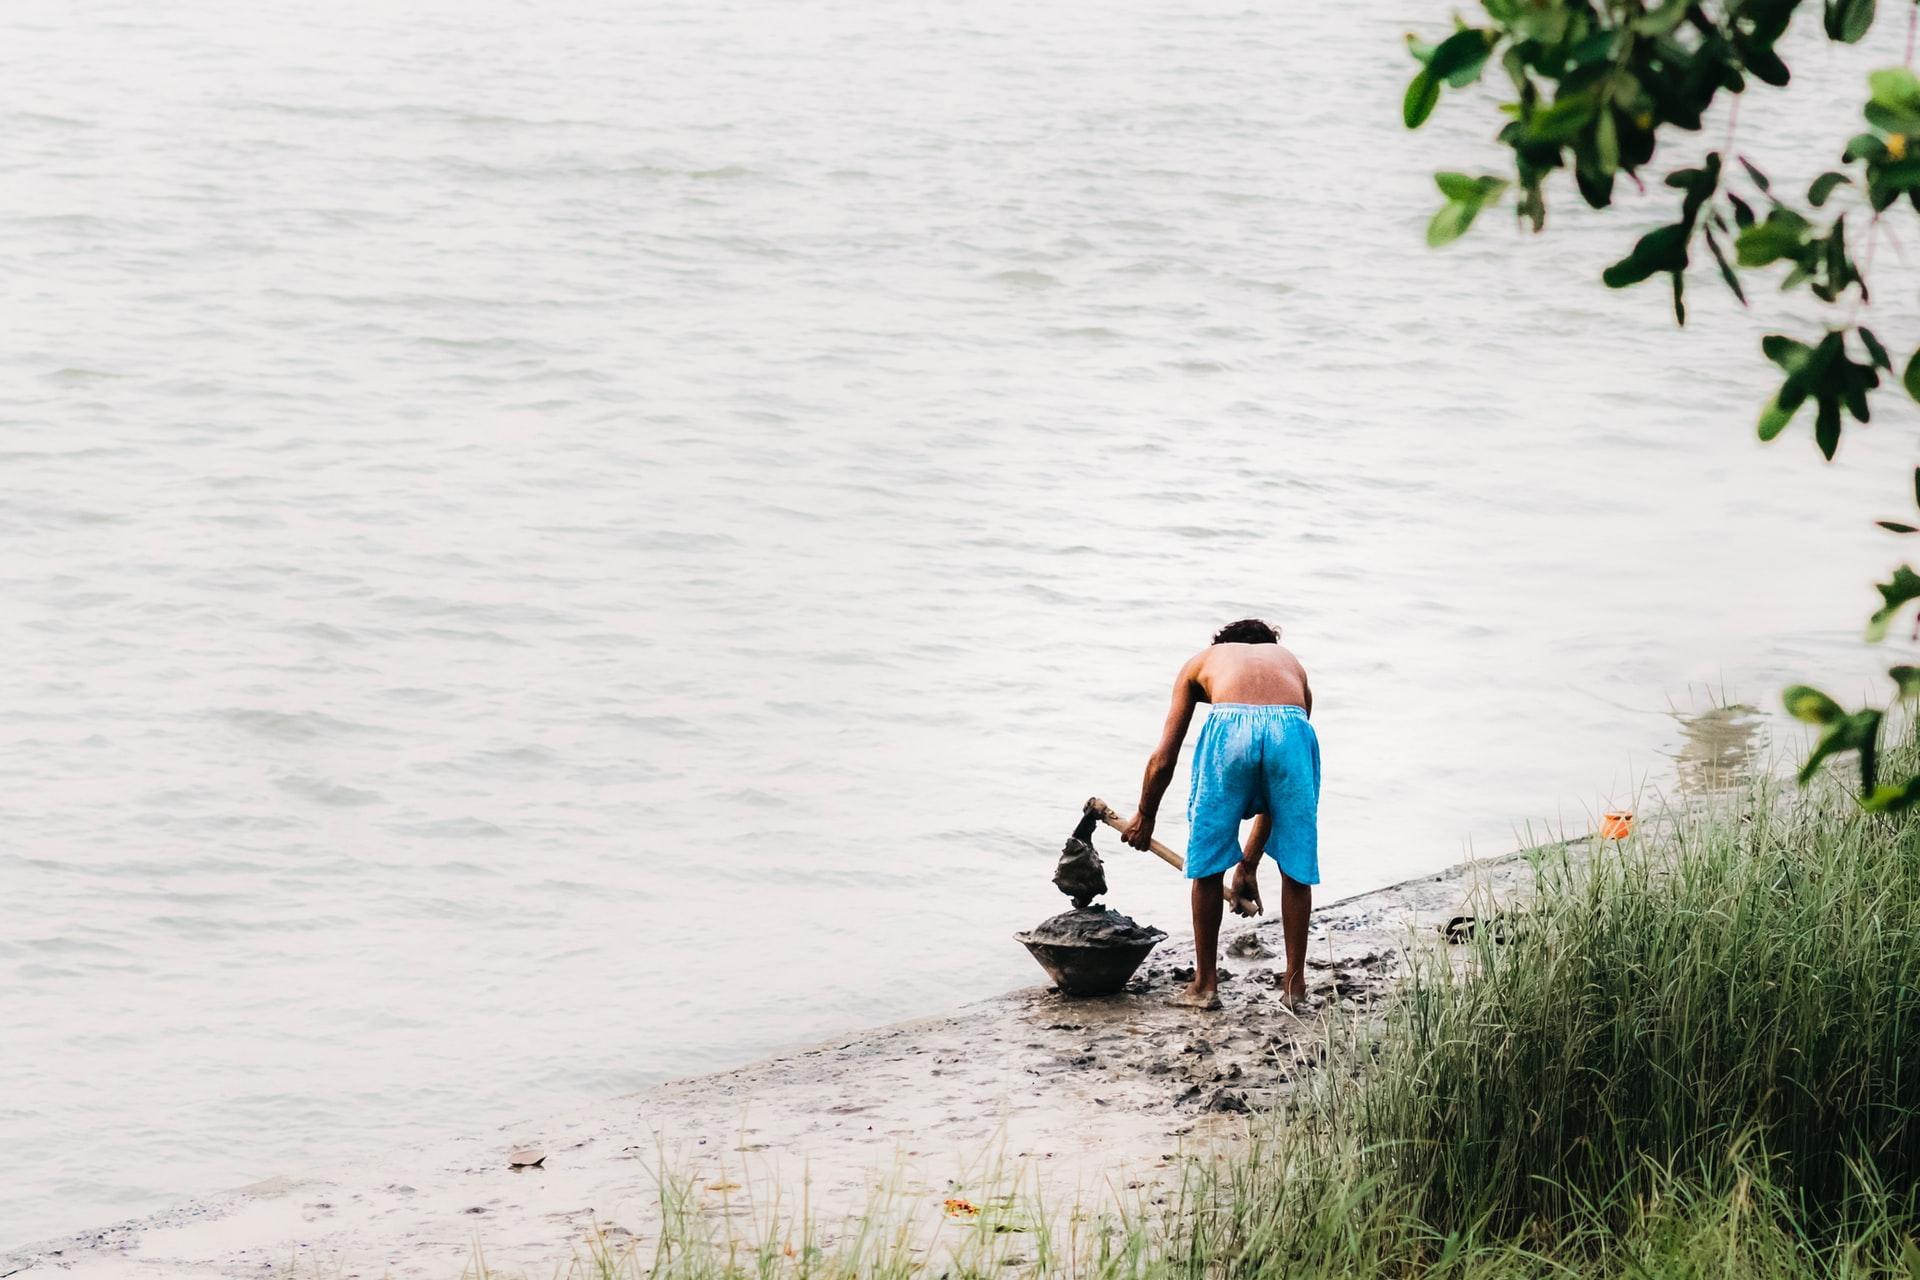 インドの衛生問題は 「下水処理問題」